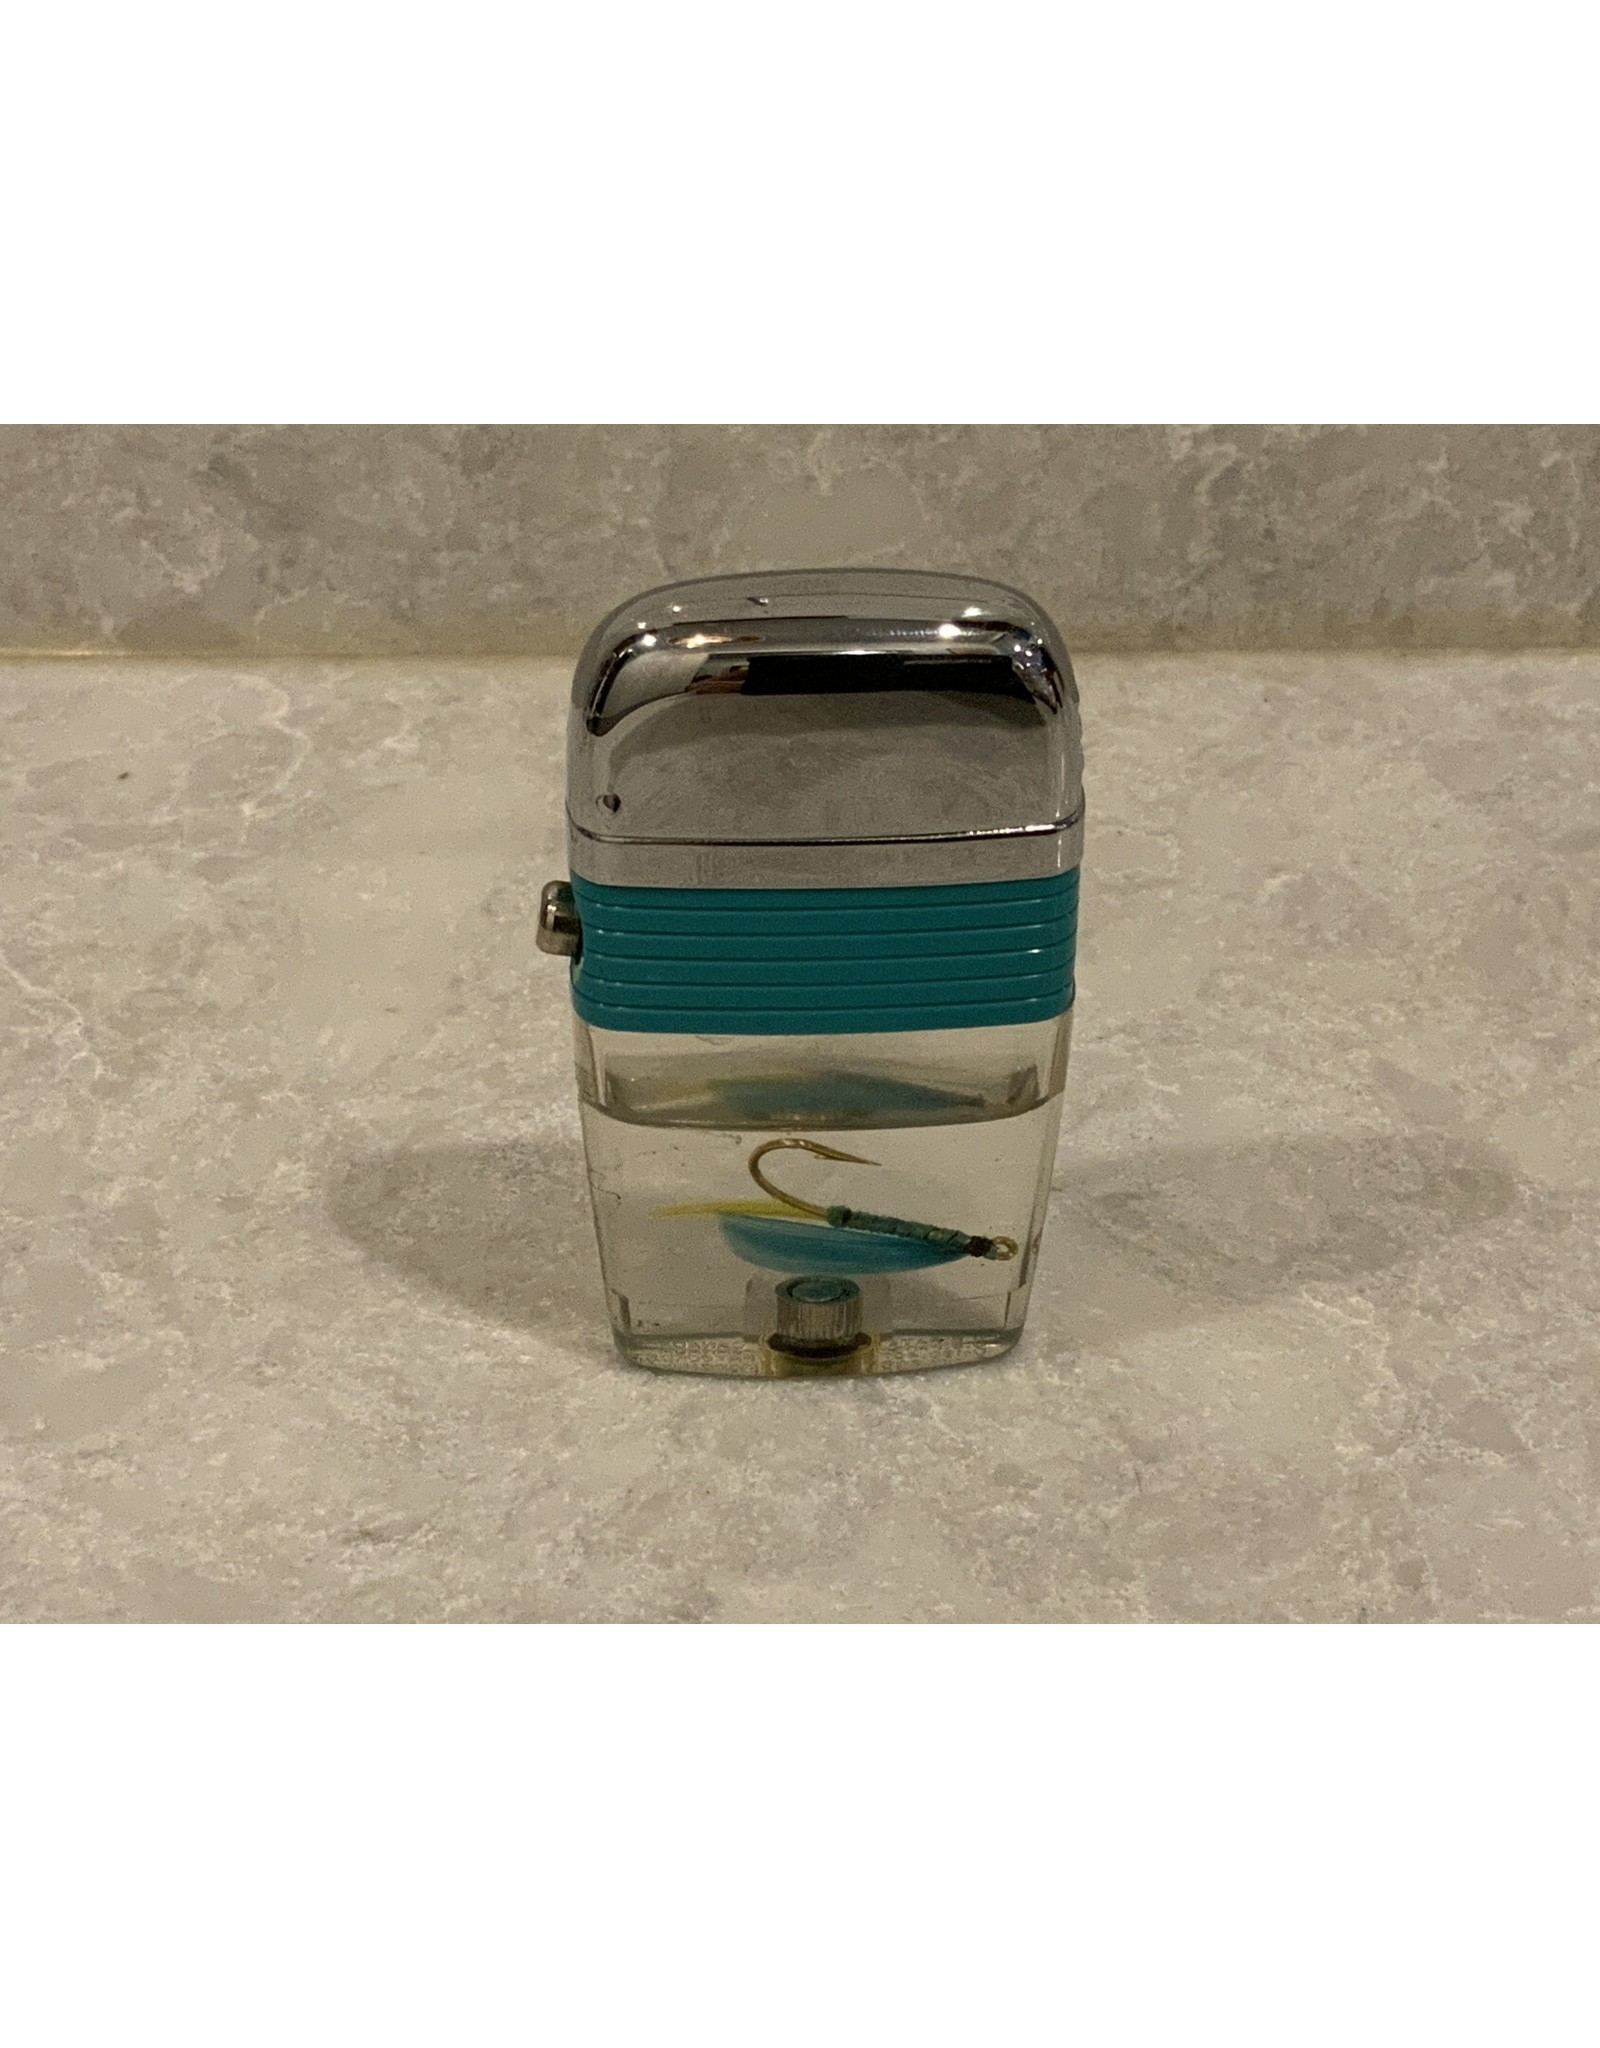 SPV Vintage VU-Lighter By Scripto